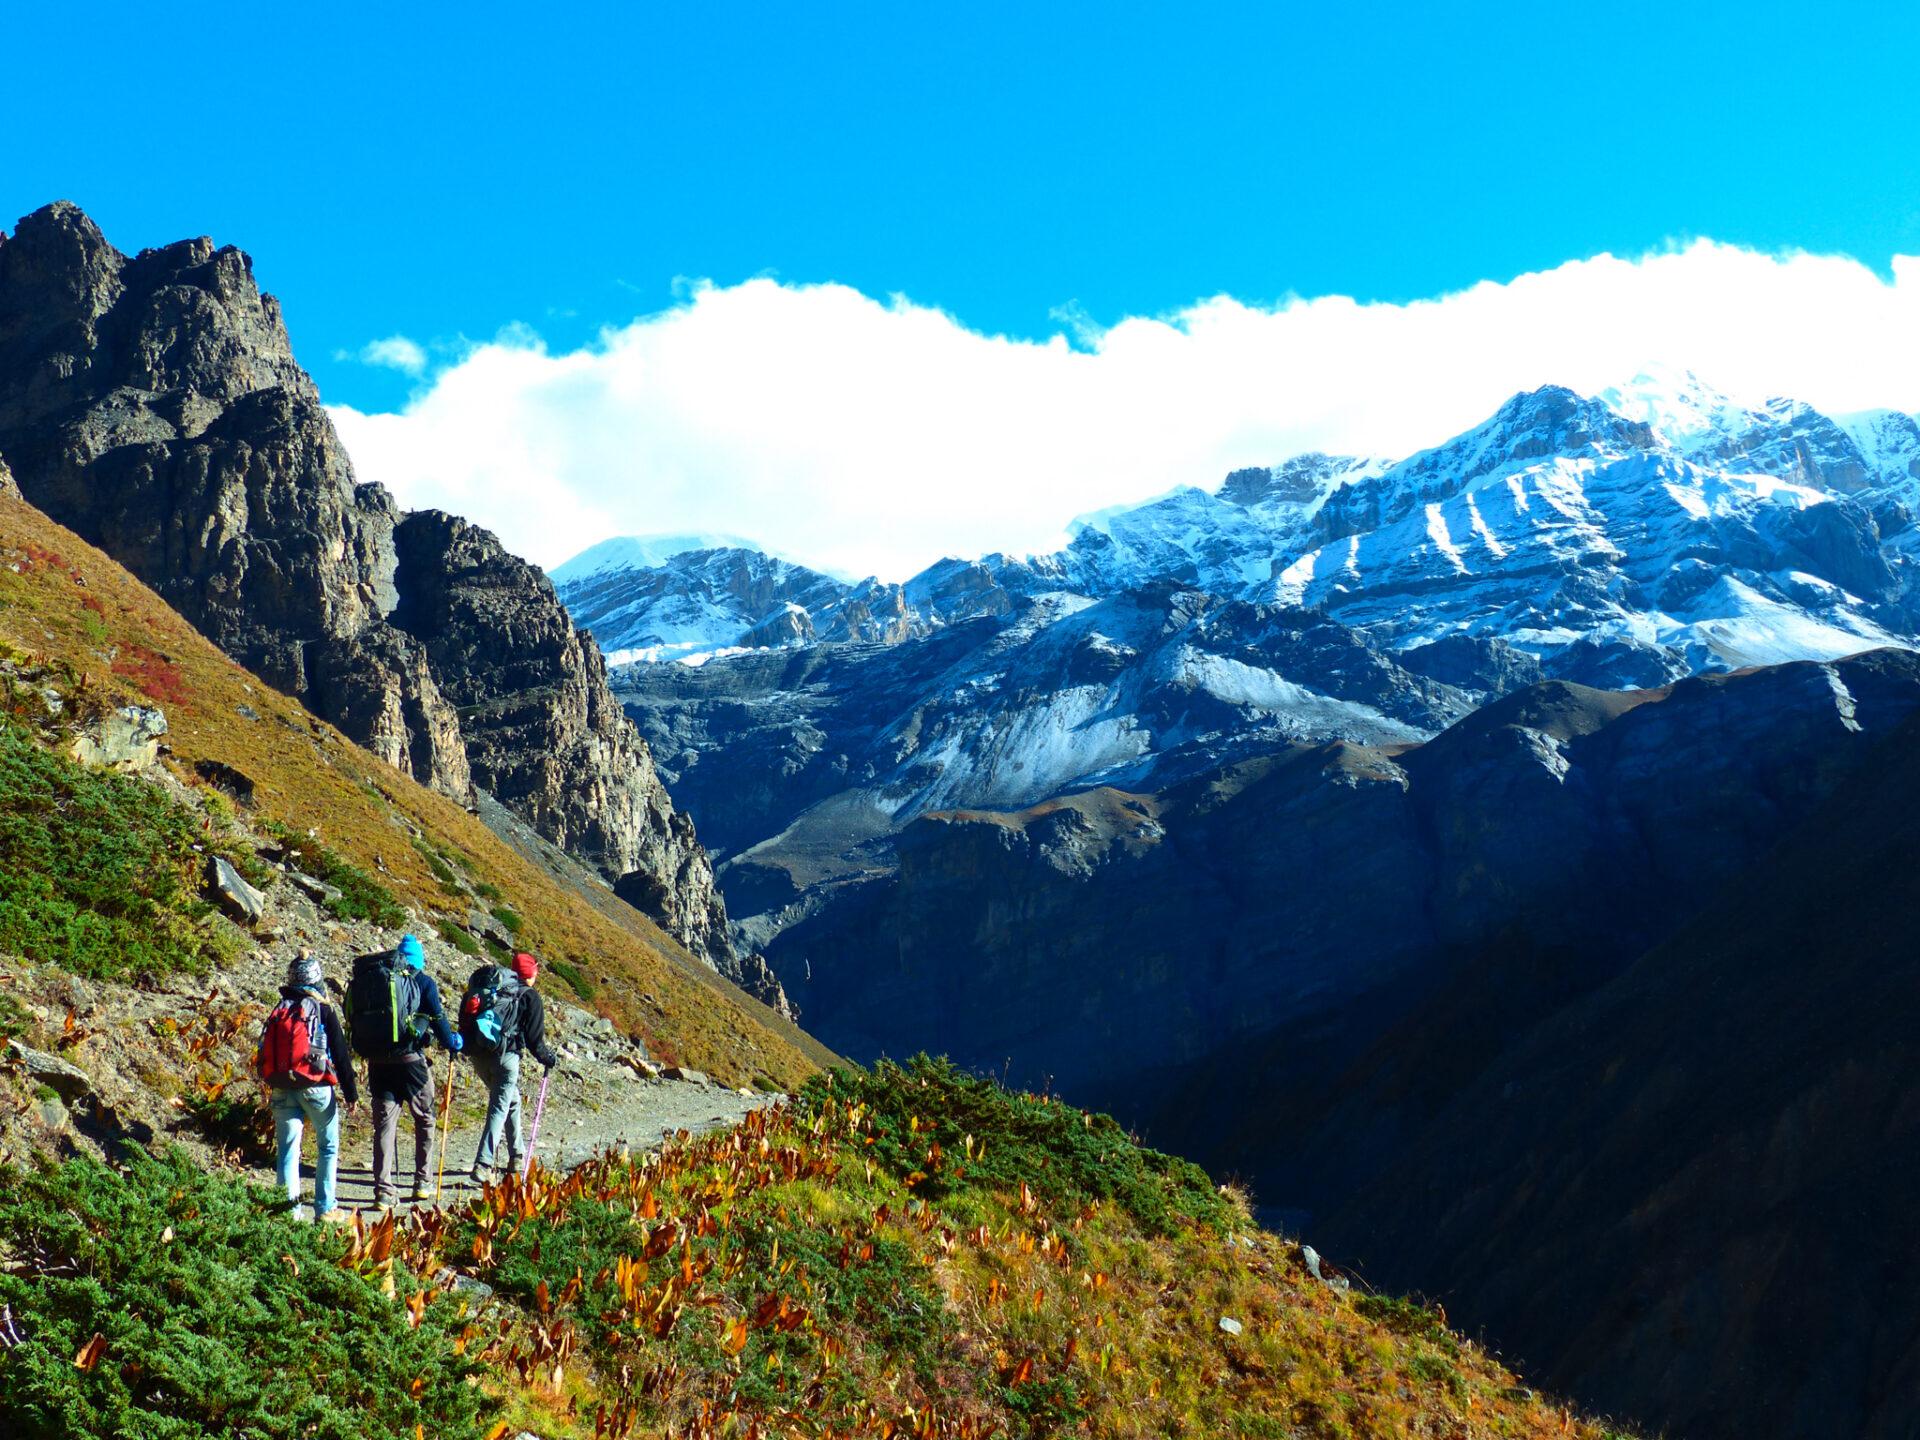 Randonneurs sur le tour du trek des Annapurnas